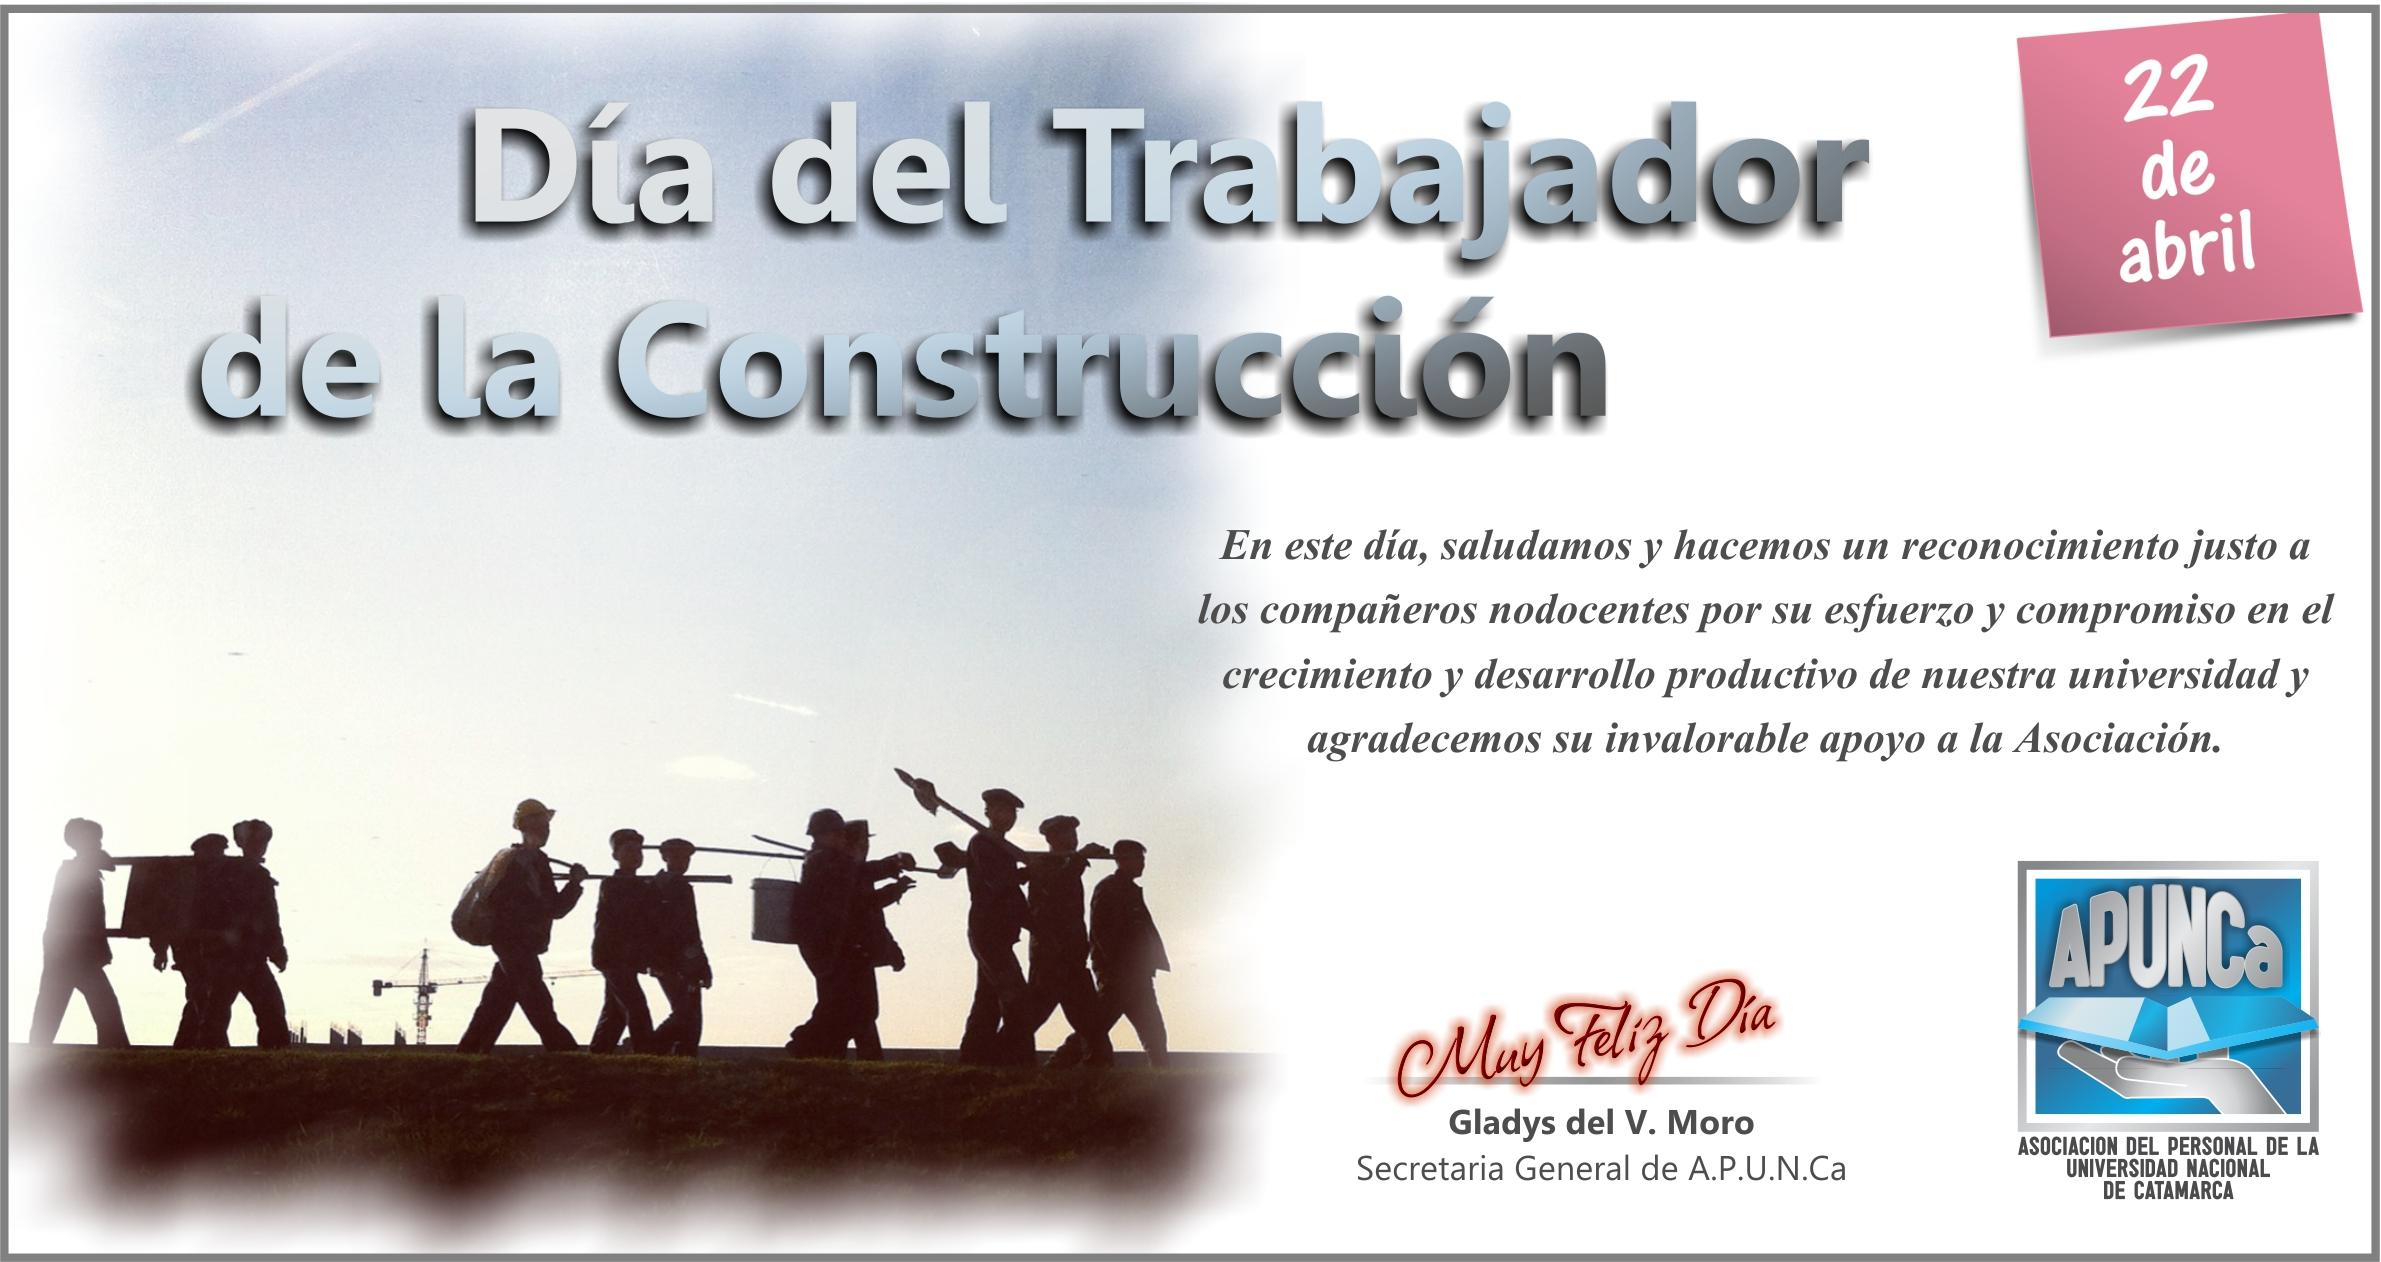 Día del Trabajador de la Construcción - APUNCA